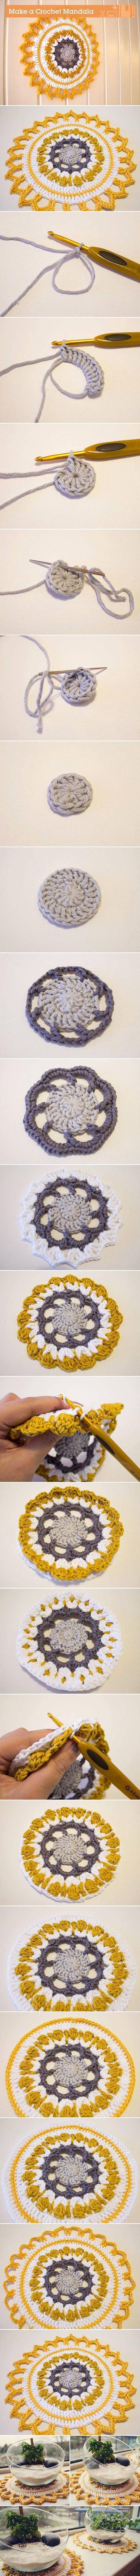 Hecho bir mano del ganchillo Mandala DIY Proyectos / U